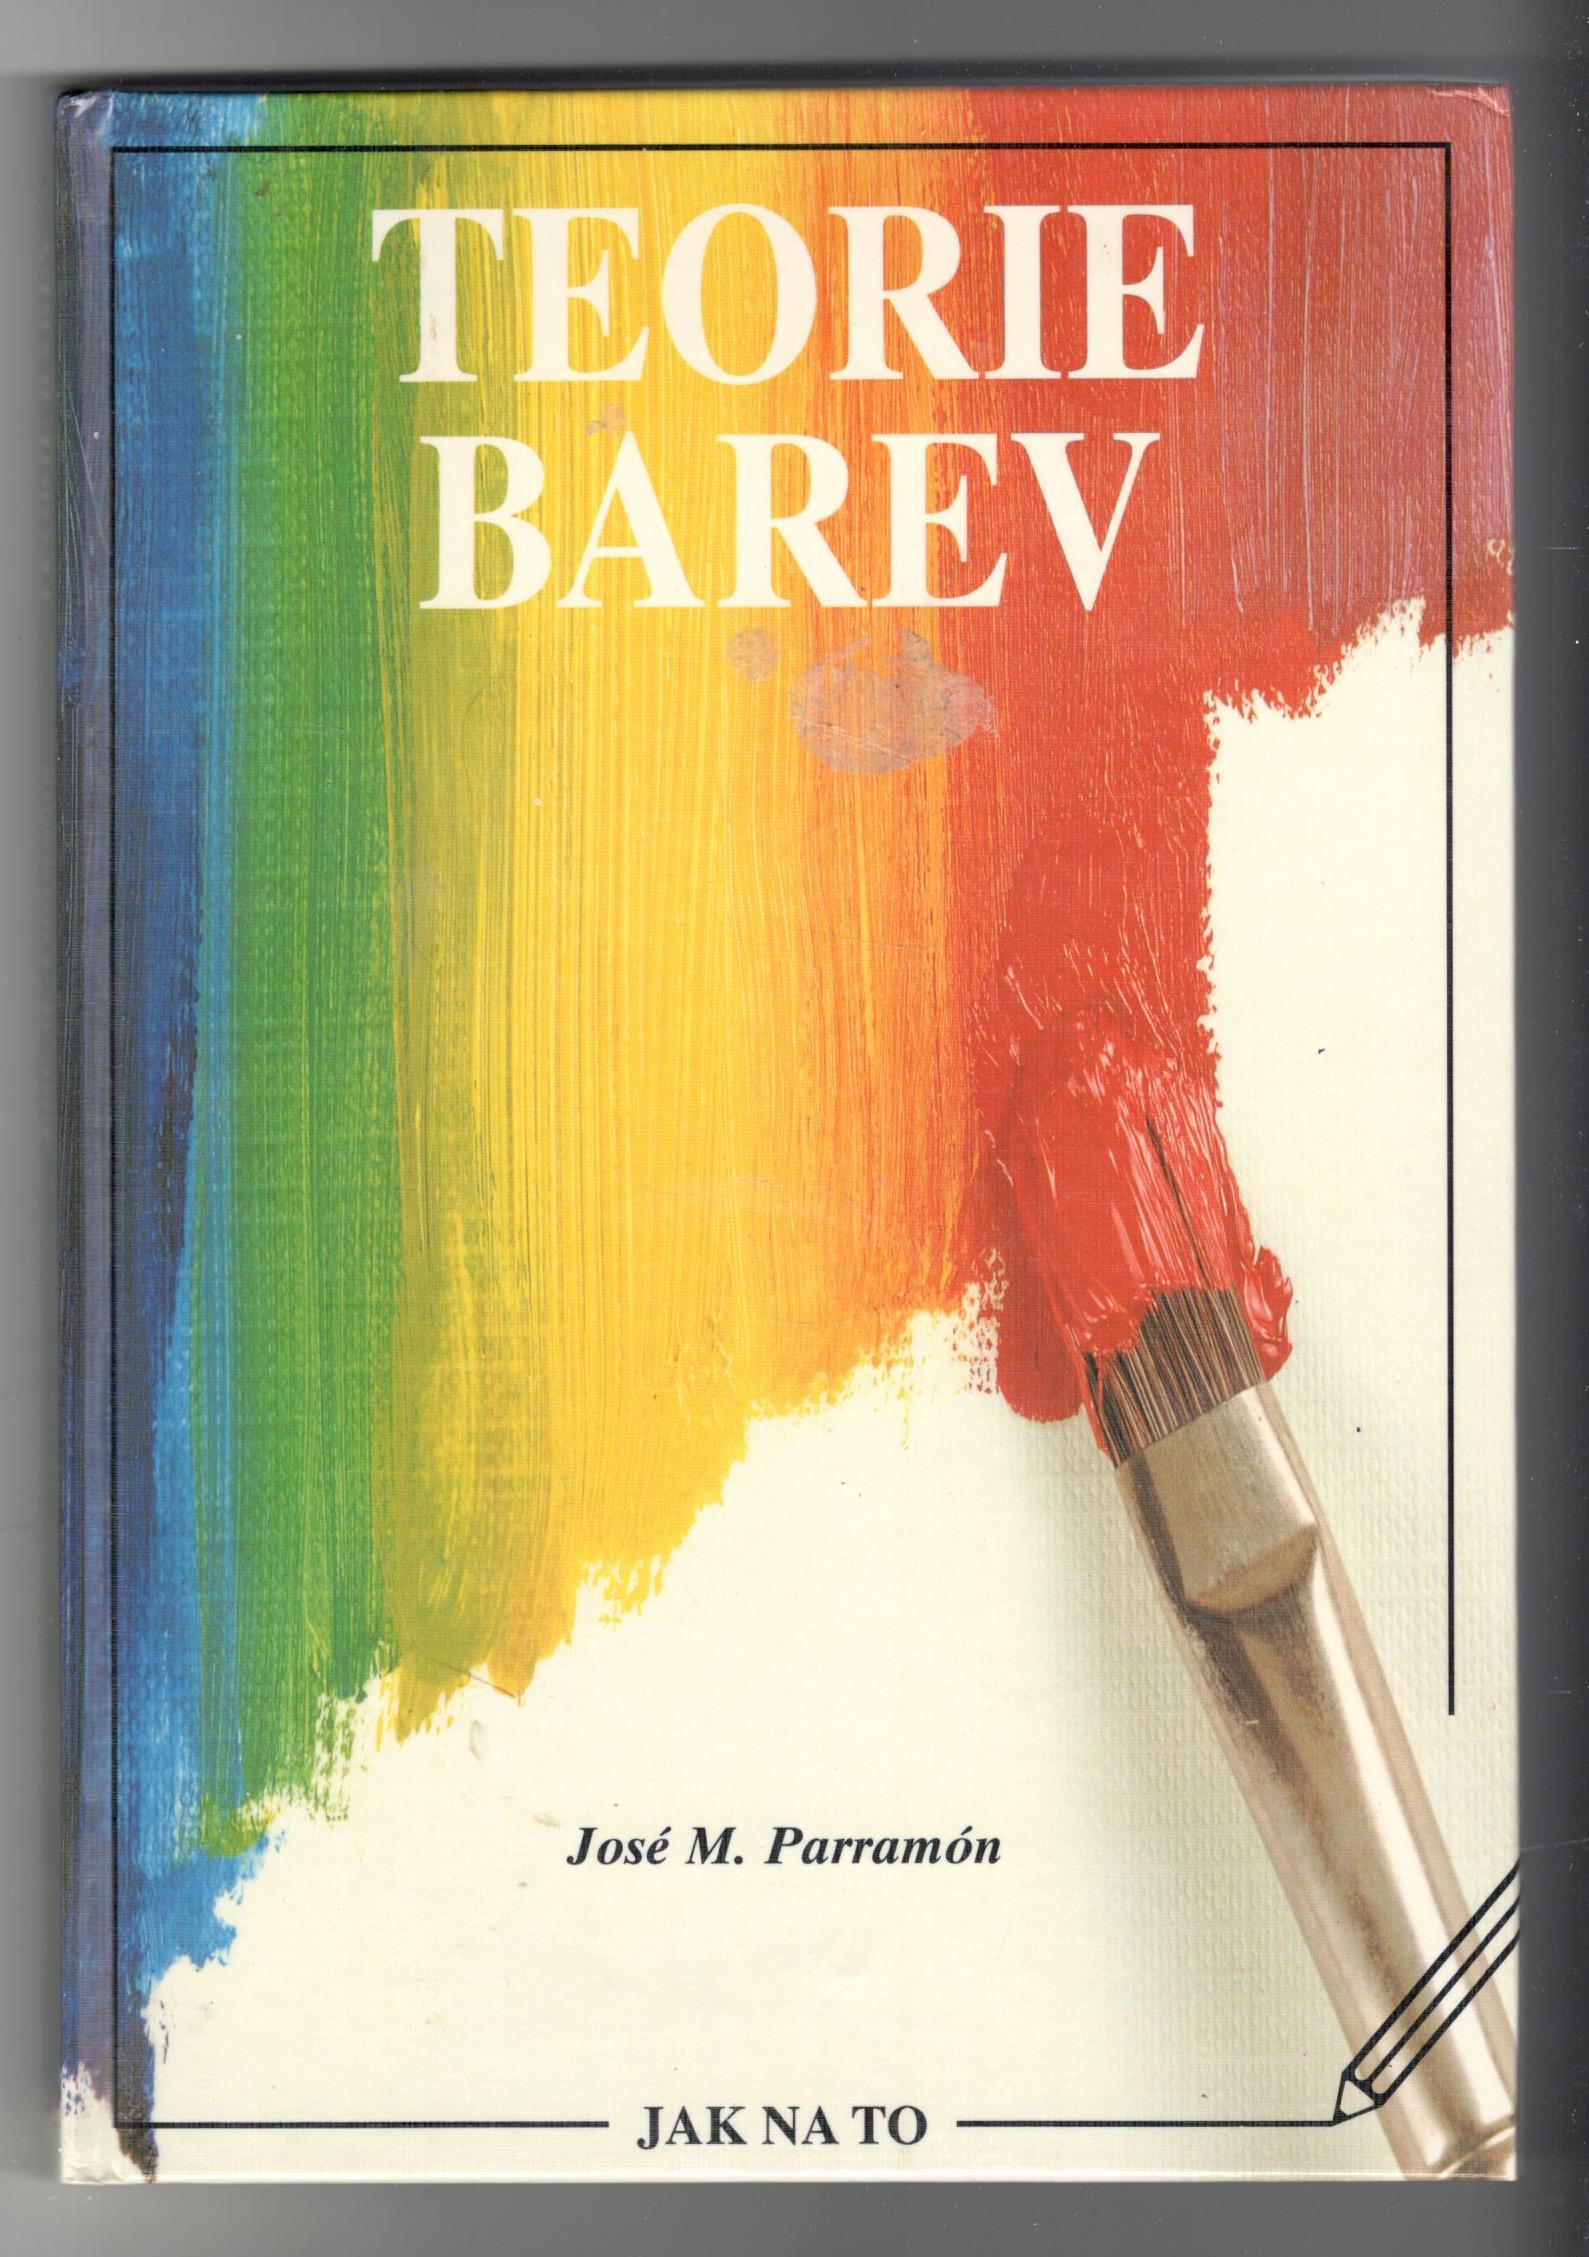 Teorie barev - José M. Parramón